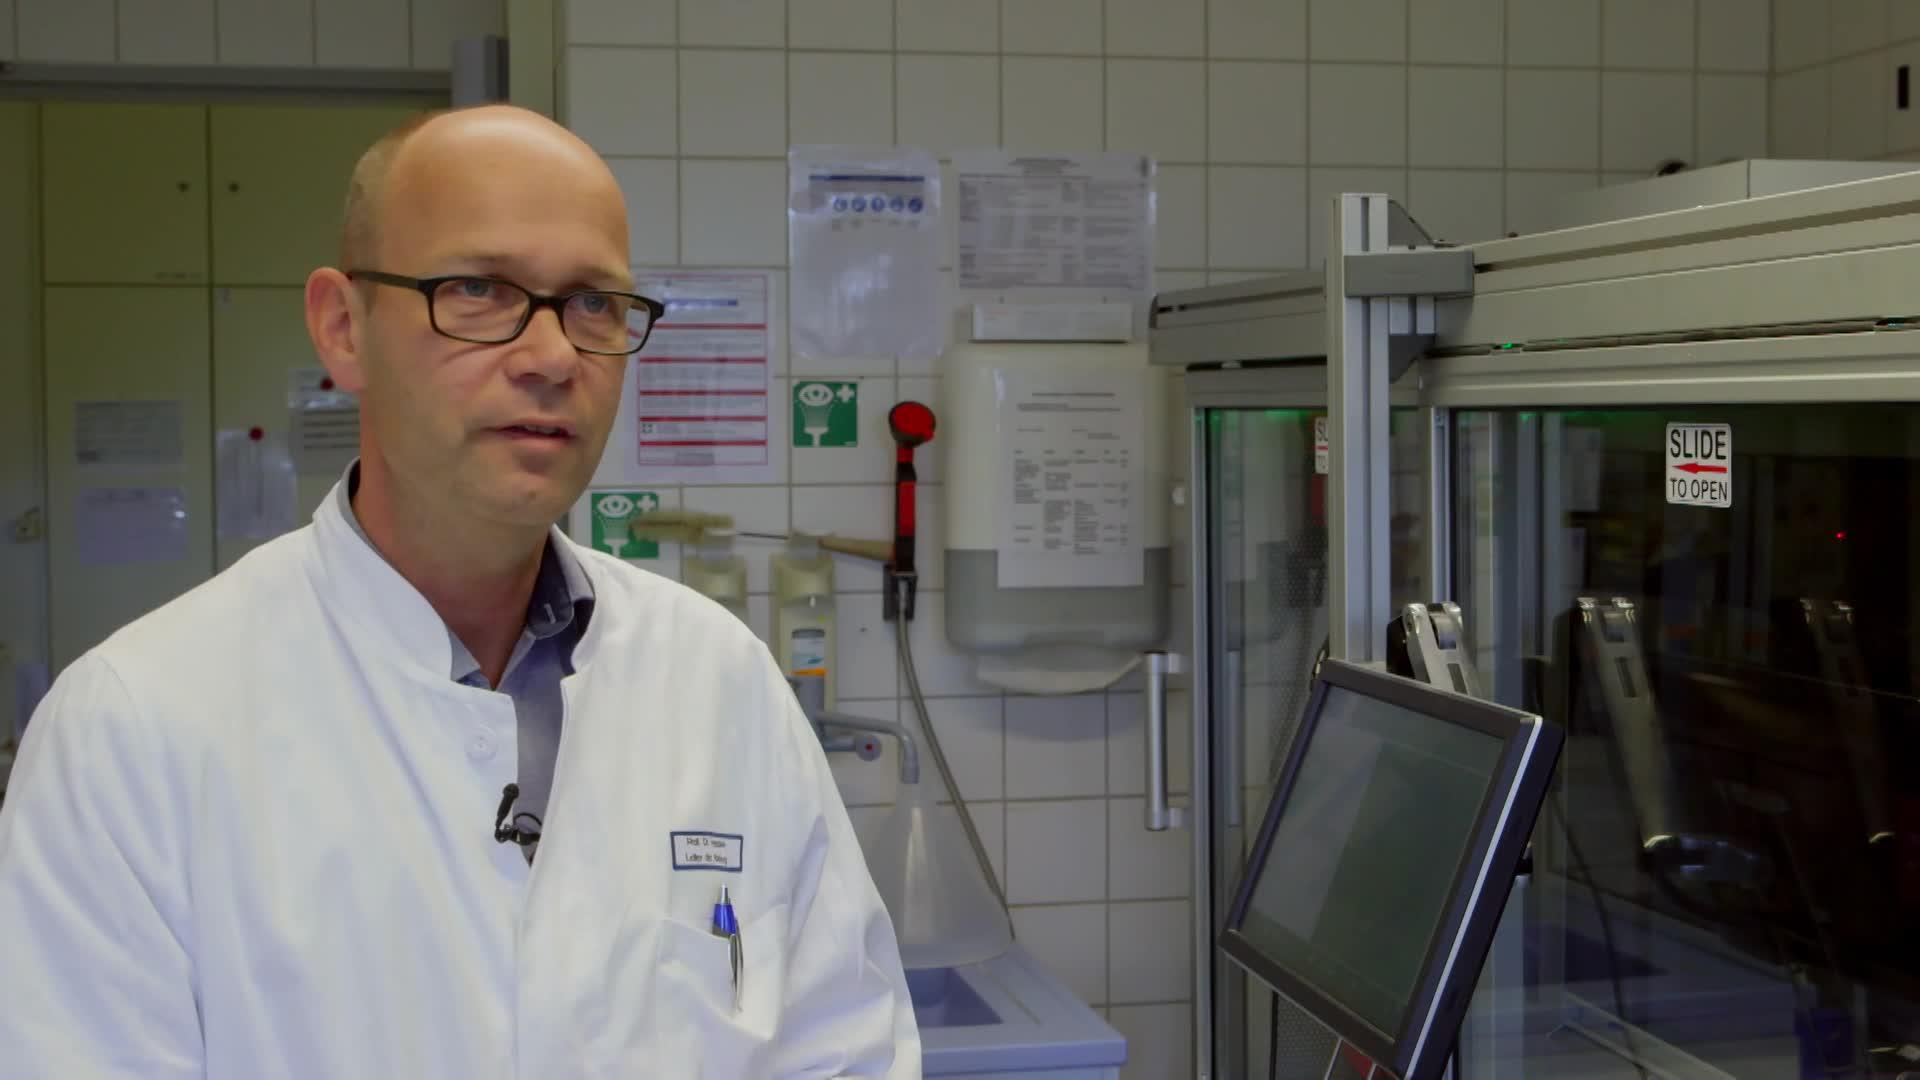 Prof. Dr. Holger Hackstein - Die Spürhunde des Abwehrsystems im Visier preview image